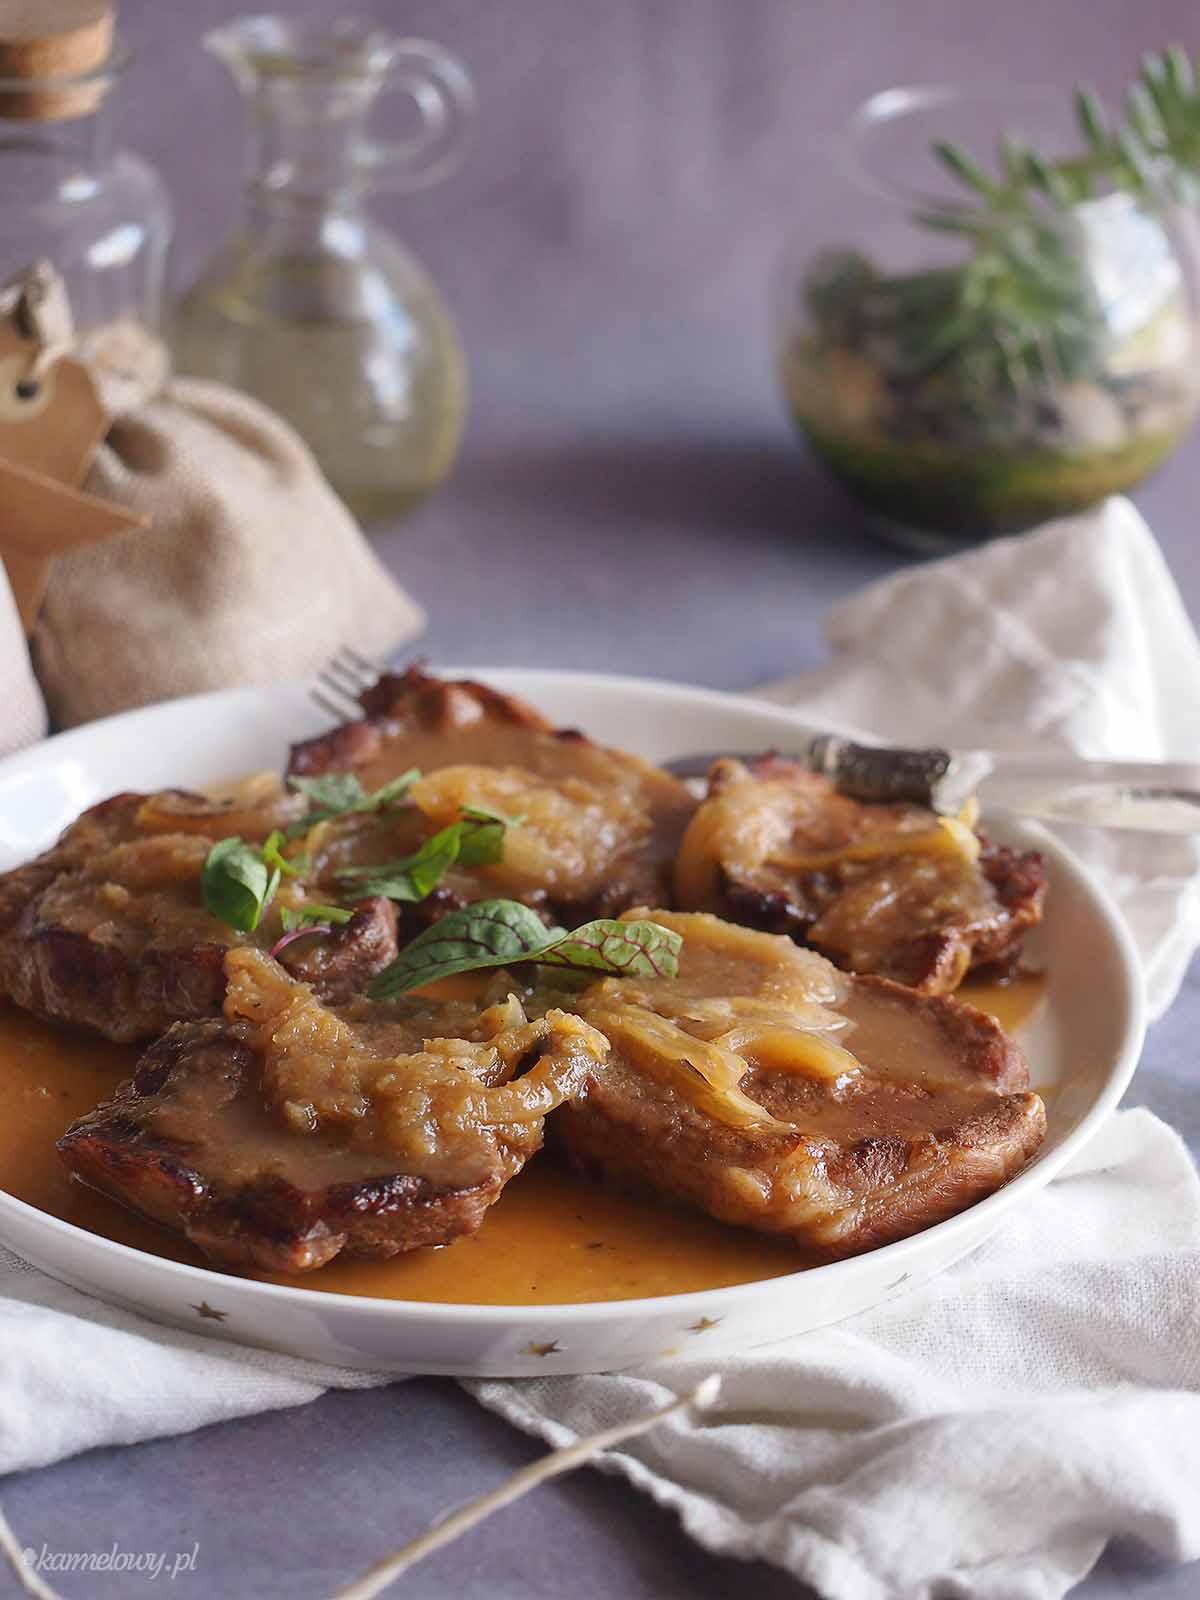 Karkowka-w-sosie-pomaranczowo-sliwkowym-Pork-neck-with-orange-plum-sauce